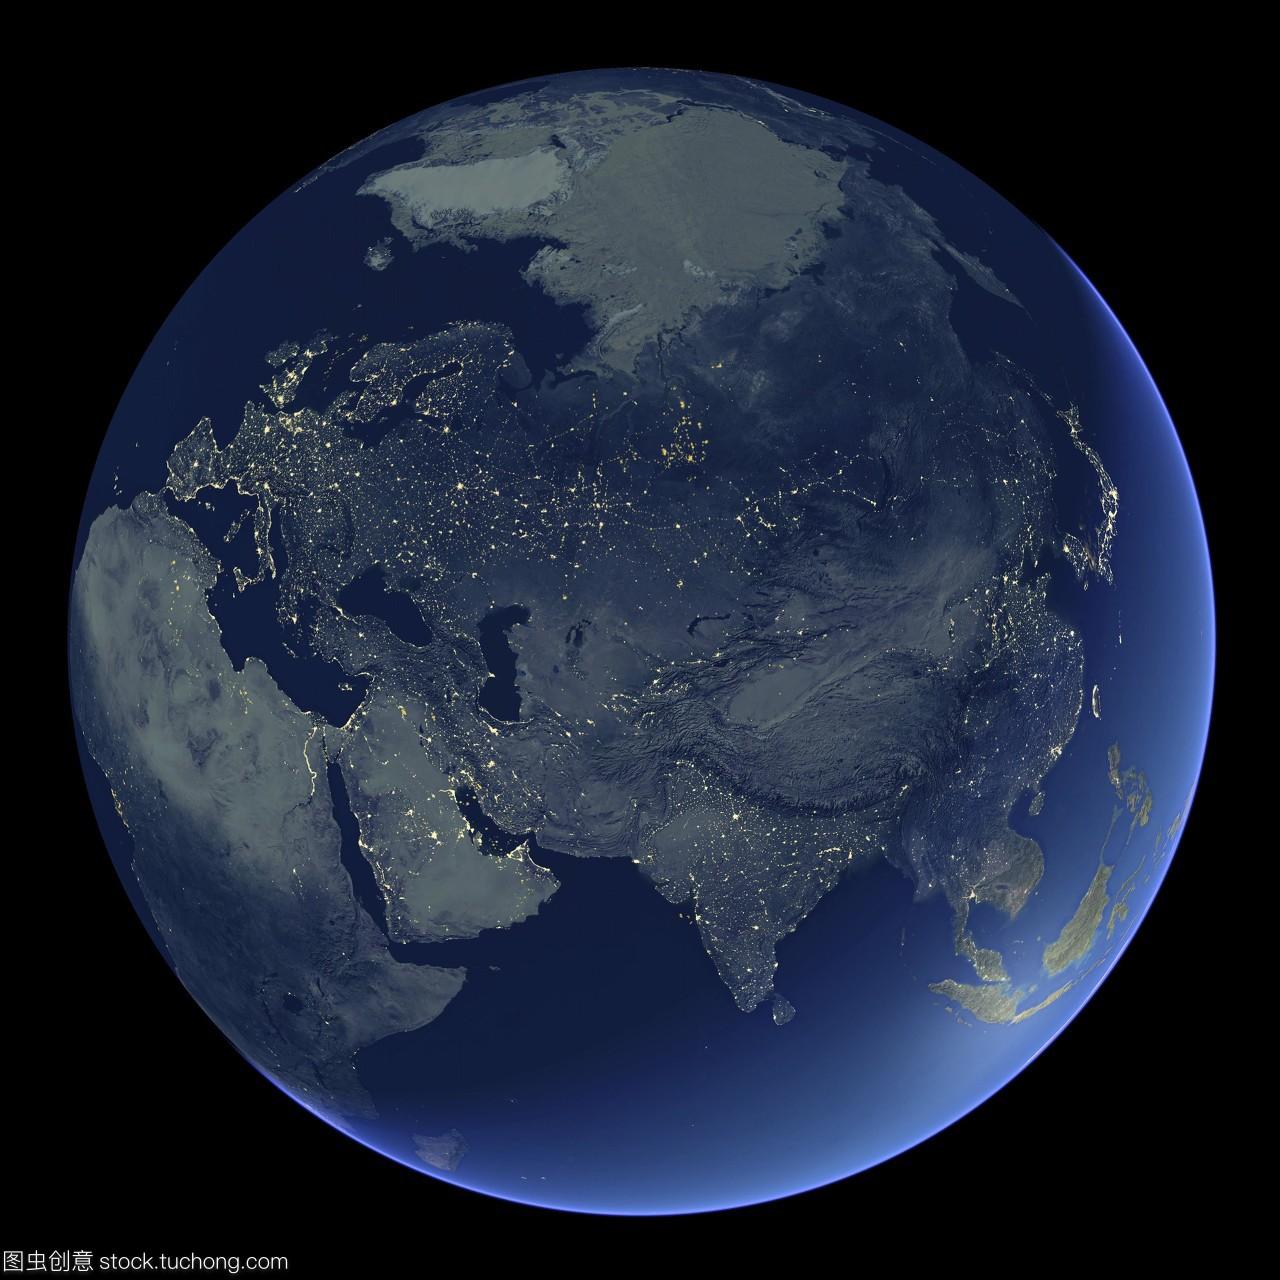 上晚上地球的卫星图像集中在亚洲大陆的城市灯